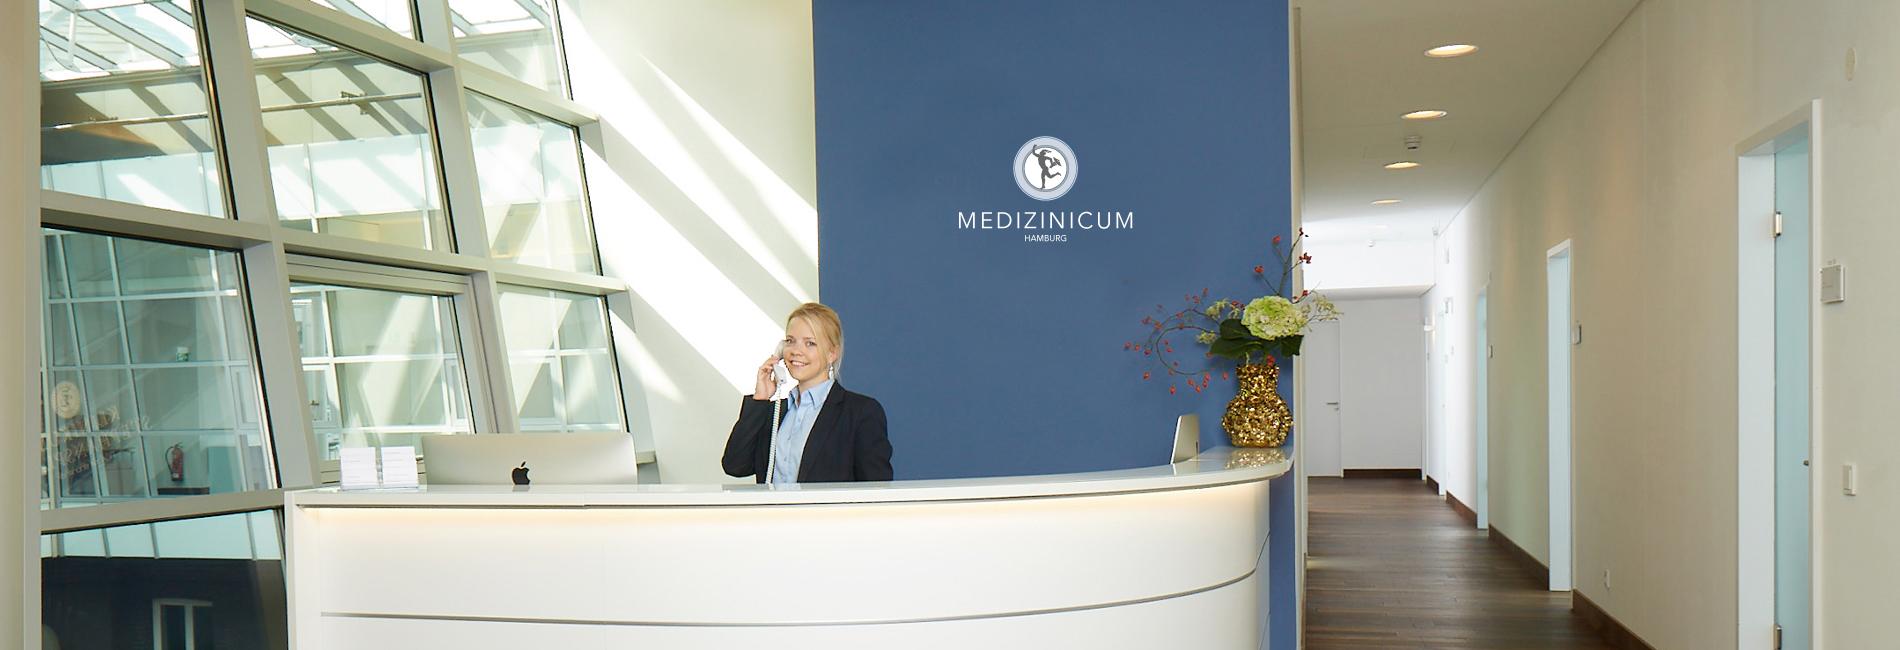 Medizinicum-Innen-Empfang